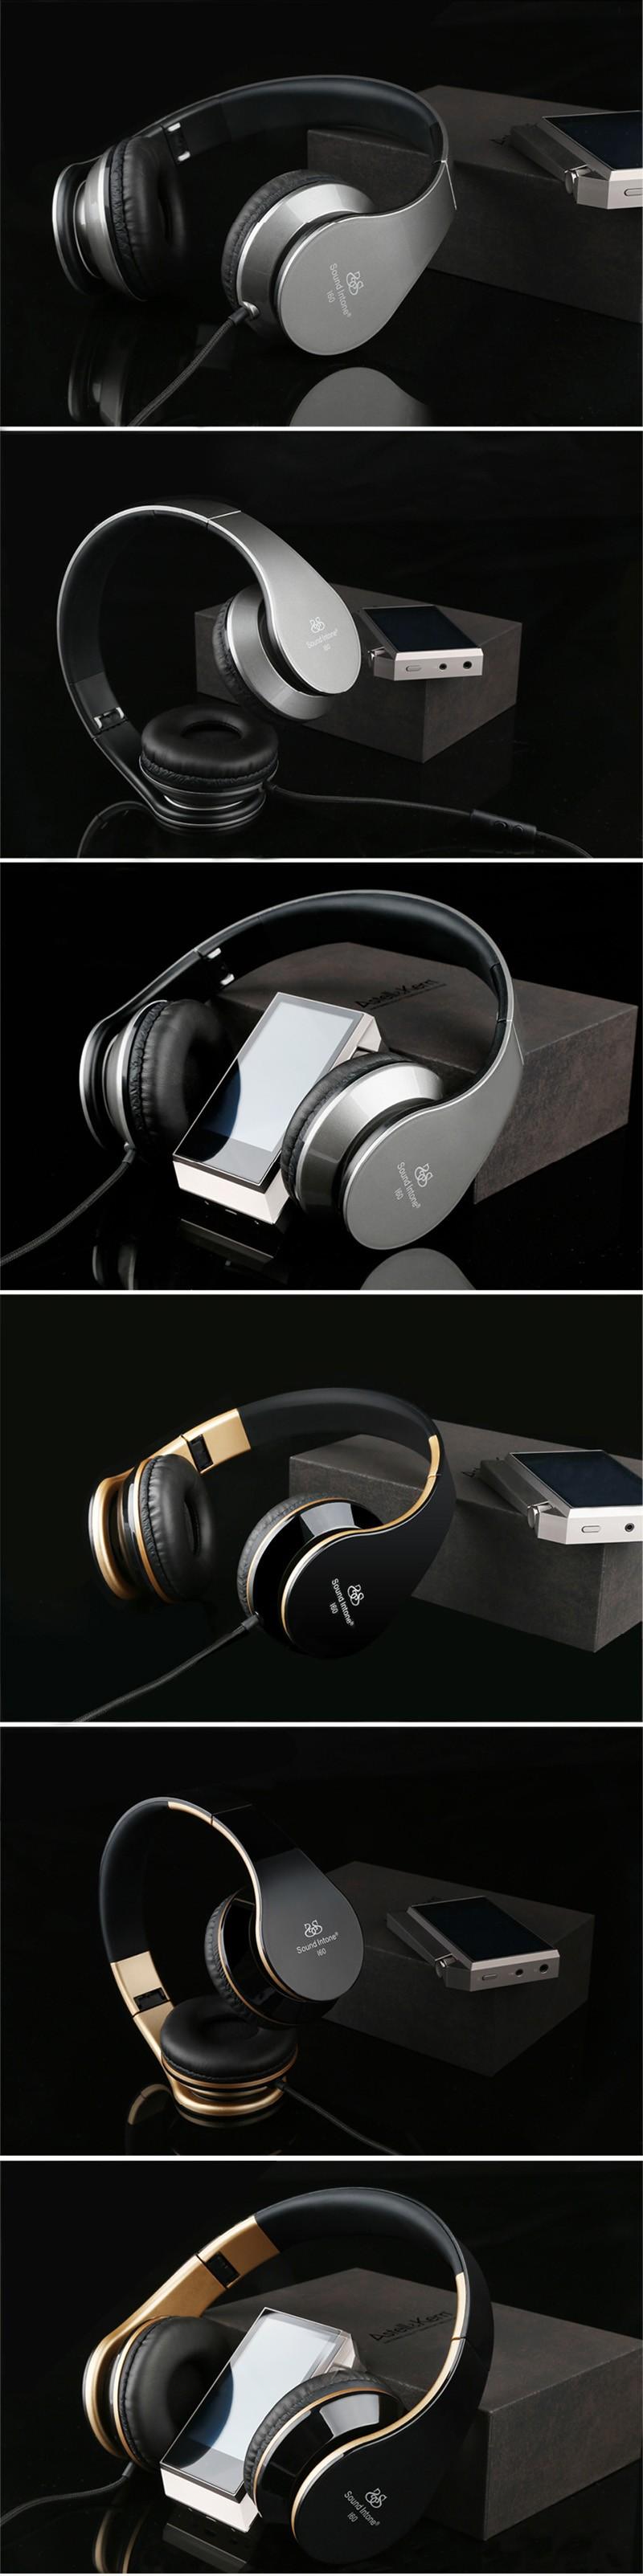 מוסיקה אוזניות עבור טלפון אופניים,צליל לפזם i60 באיכות גבוהה סטריאו ספורט אוזניות חוט,גיימר רמקול אוזניות אוזניות